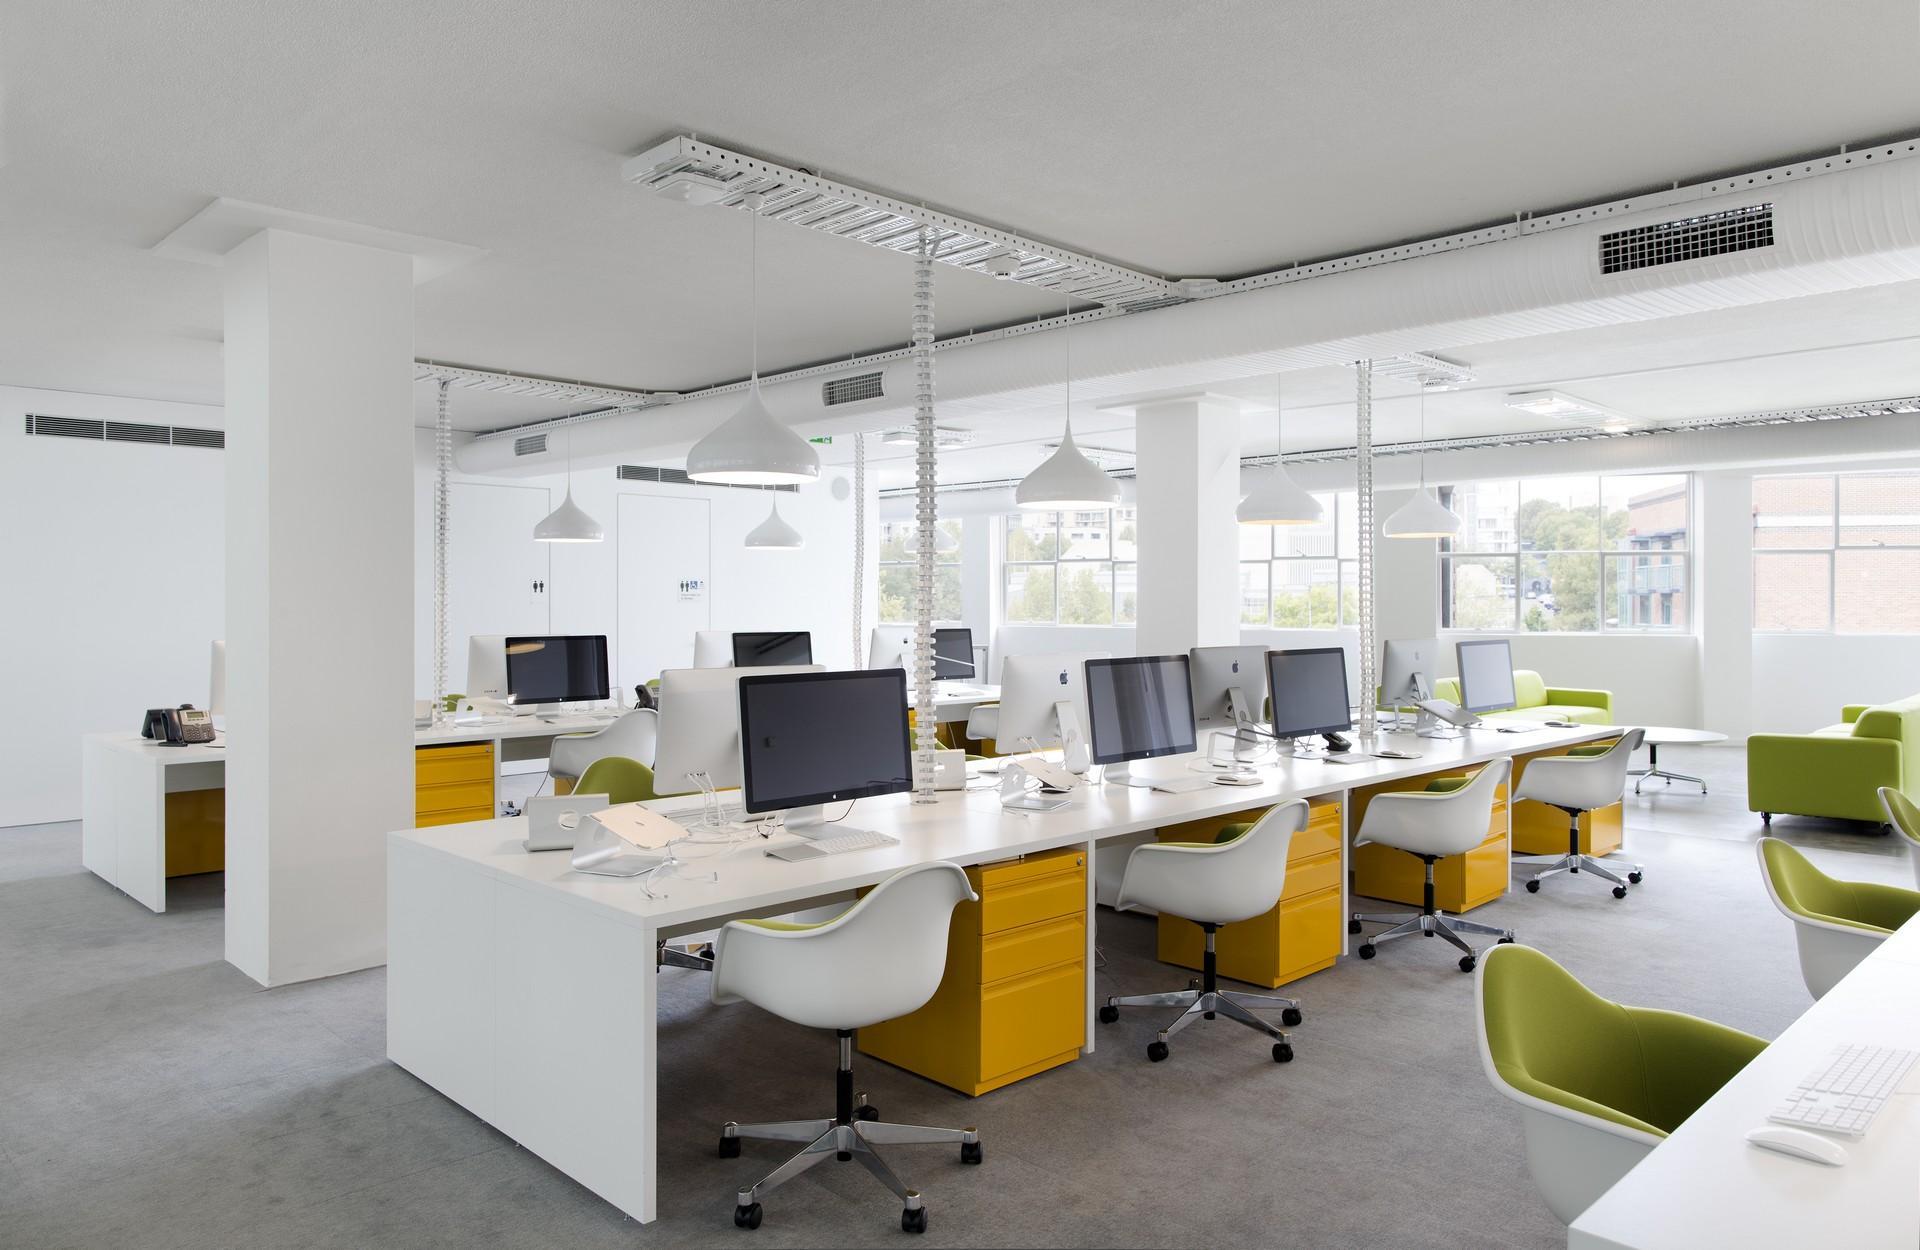 ý nghĩa của nhân trắc học trong nội thất văn phòng